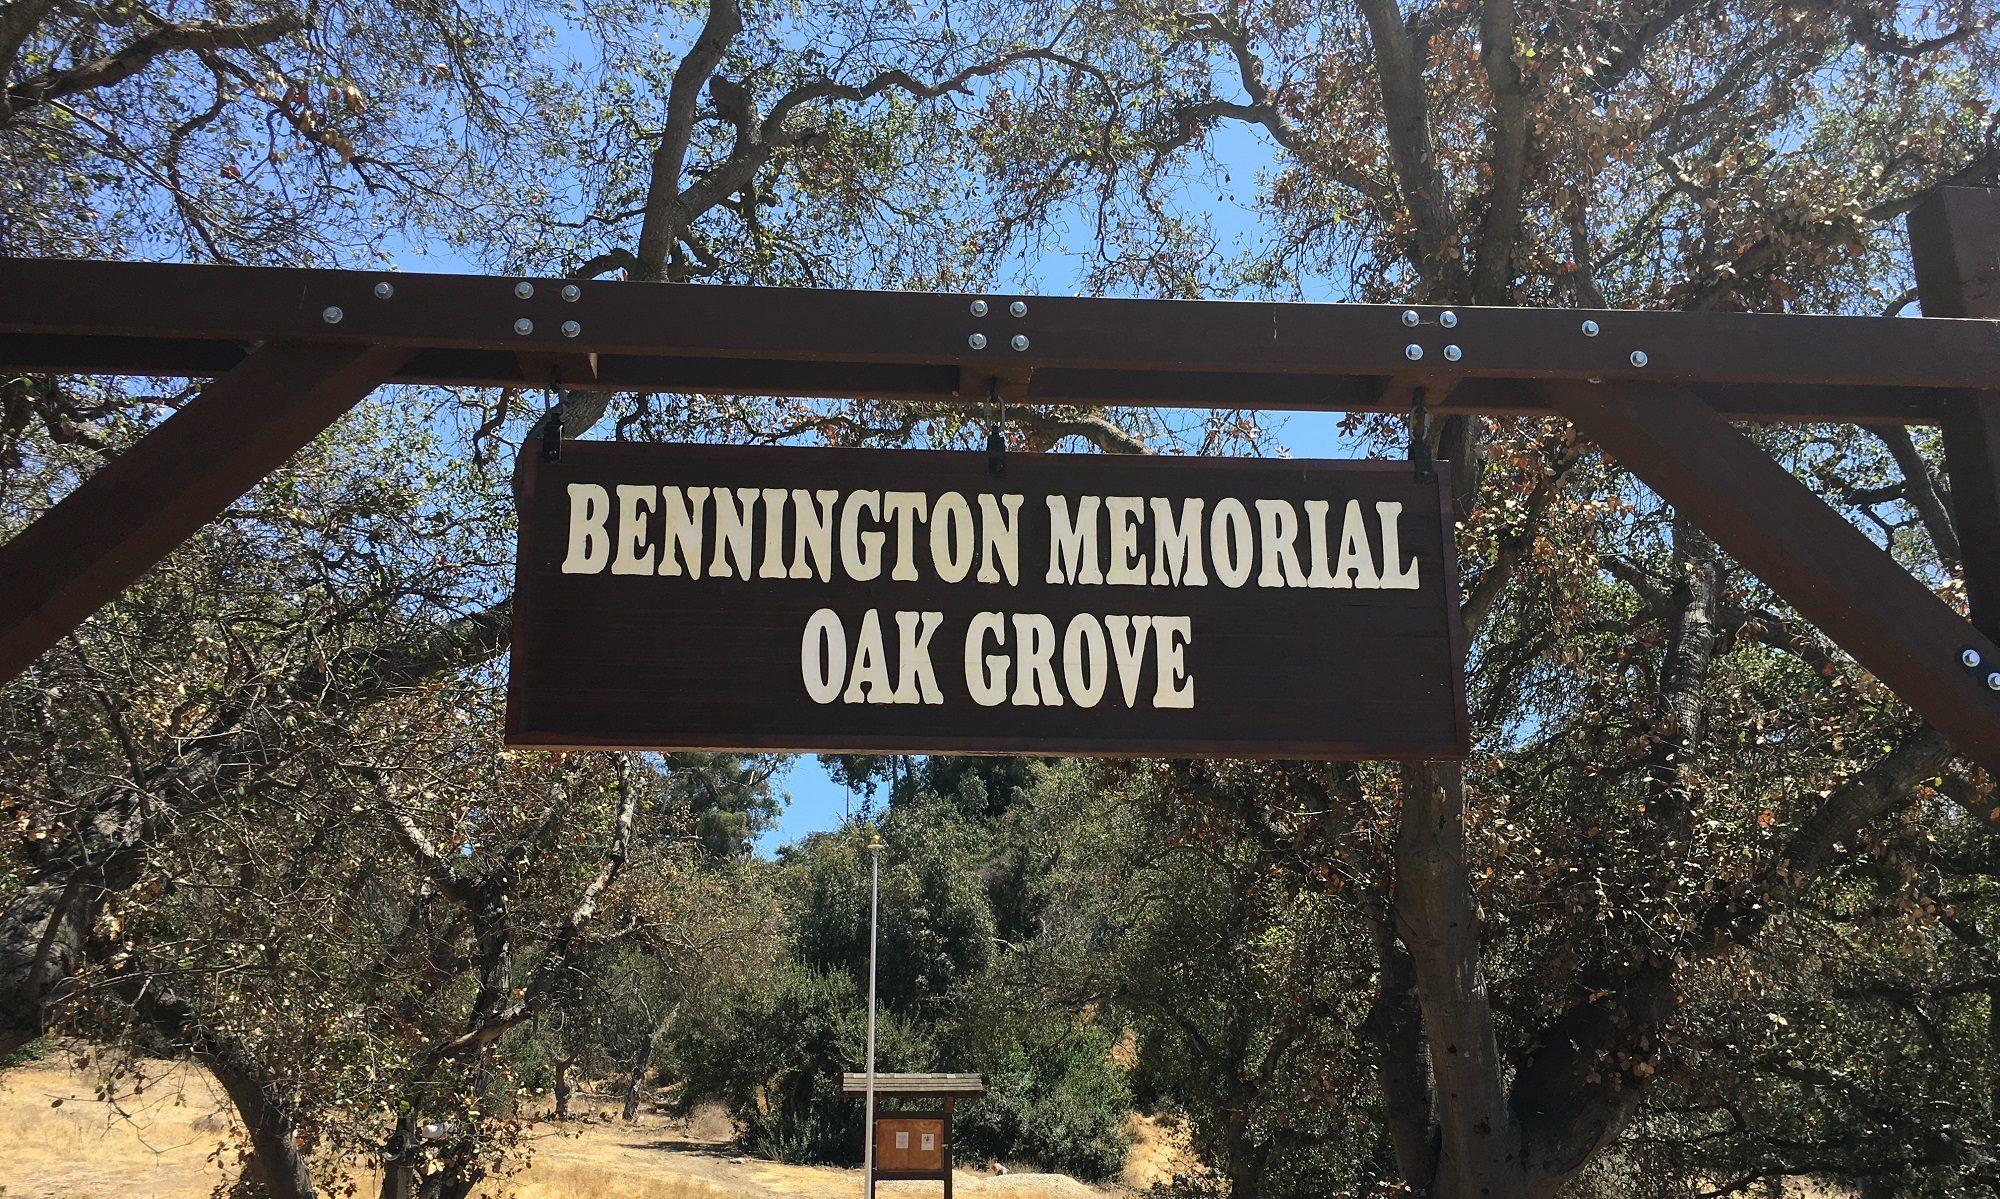 Bennington Memorial